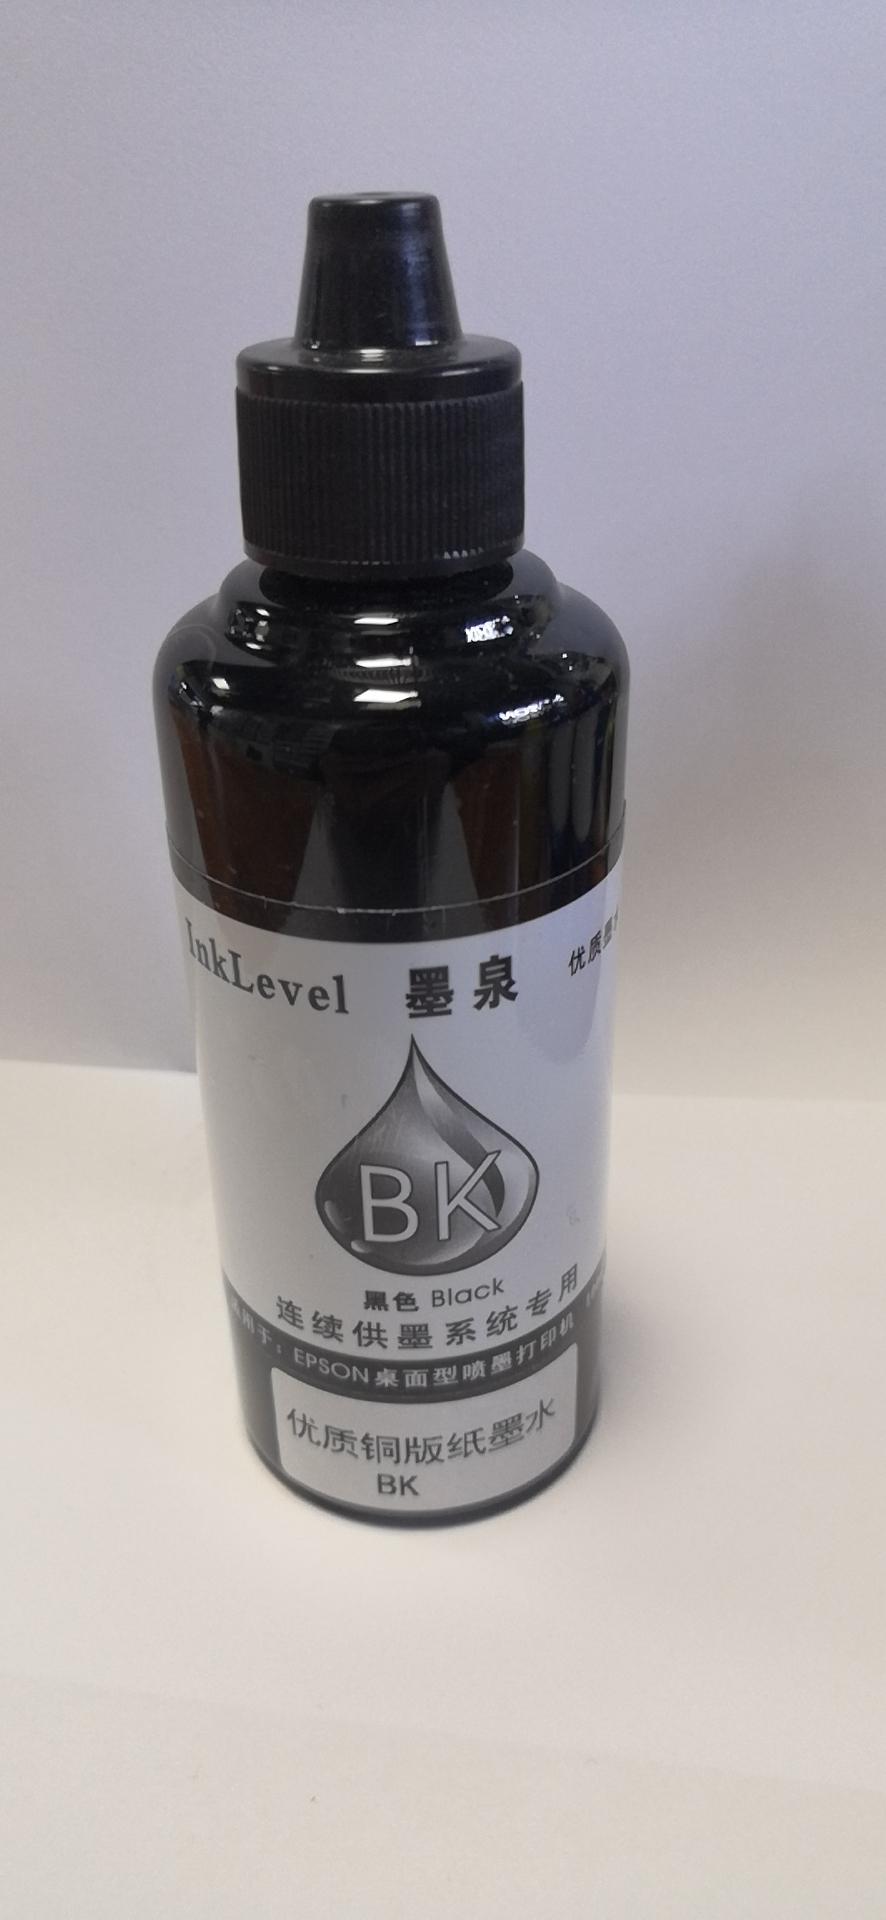 墨泉 6色喷墨专用墨水 品质墨水原料 还原打印本色 黑色